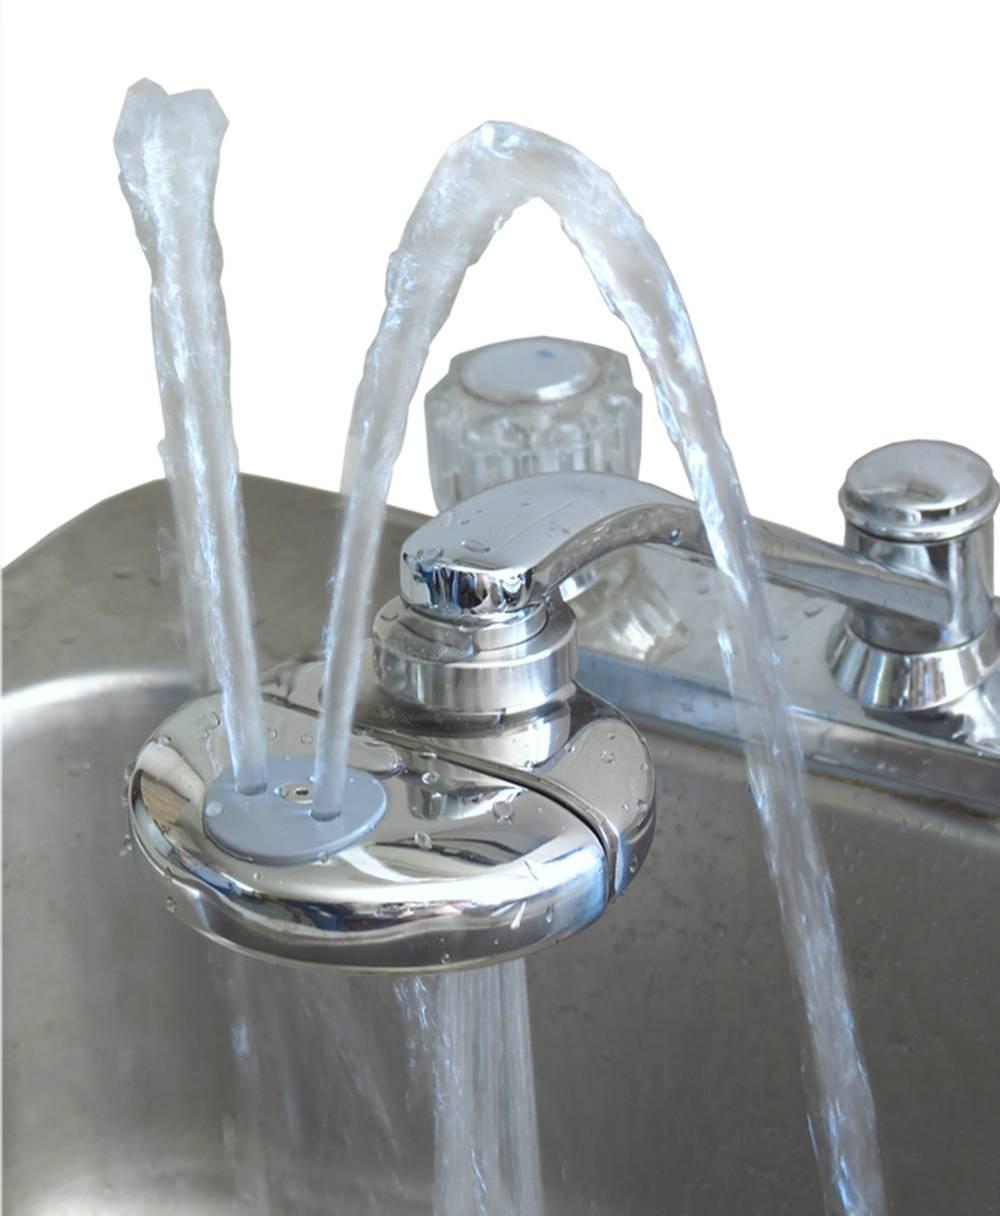 Ideas, faucet mount eyewash station faucet mount eyewash station faucet mounted eyewash station 1000 x 1216  .